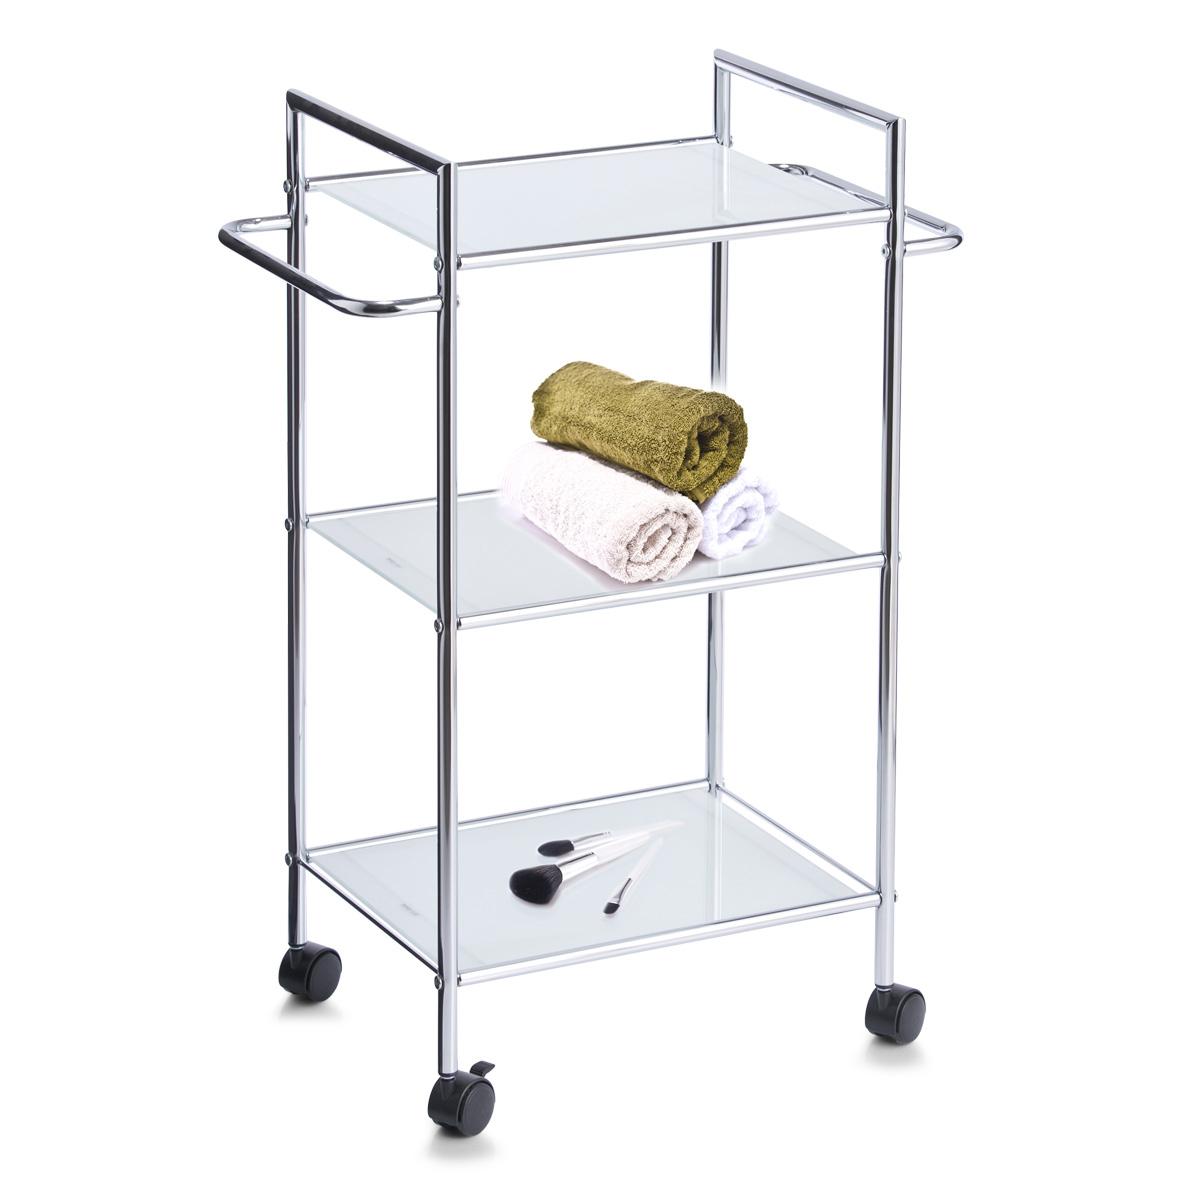 Details zu Zeller Bad Rollwagen Glas Metall Badezimmer Roll Regal Tisch  Beistellwagen Küche